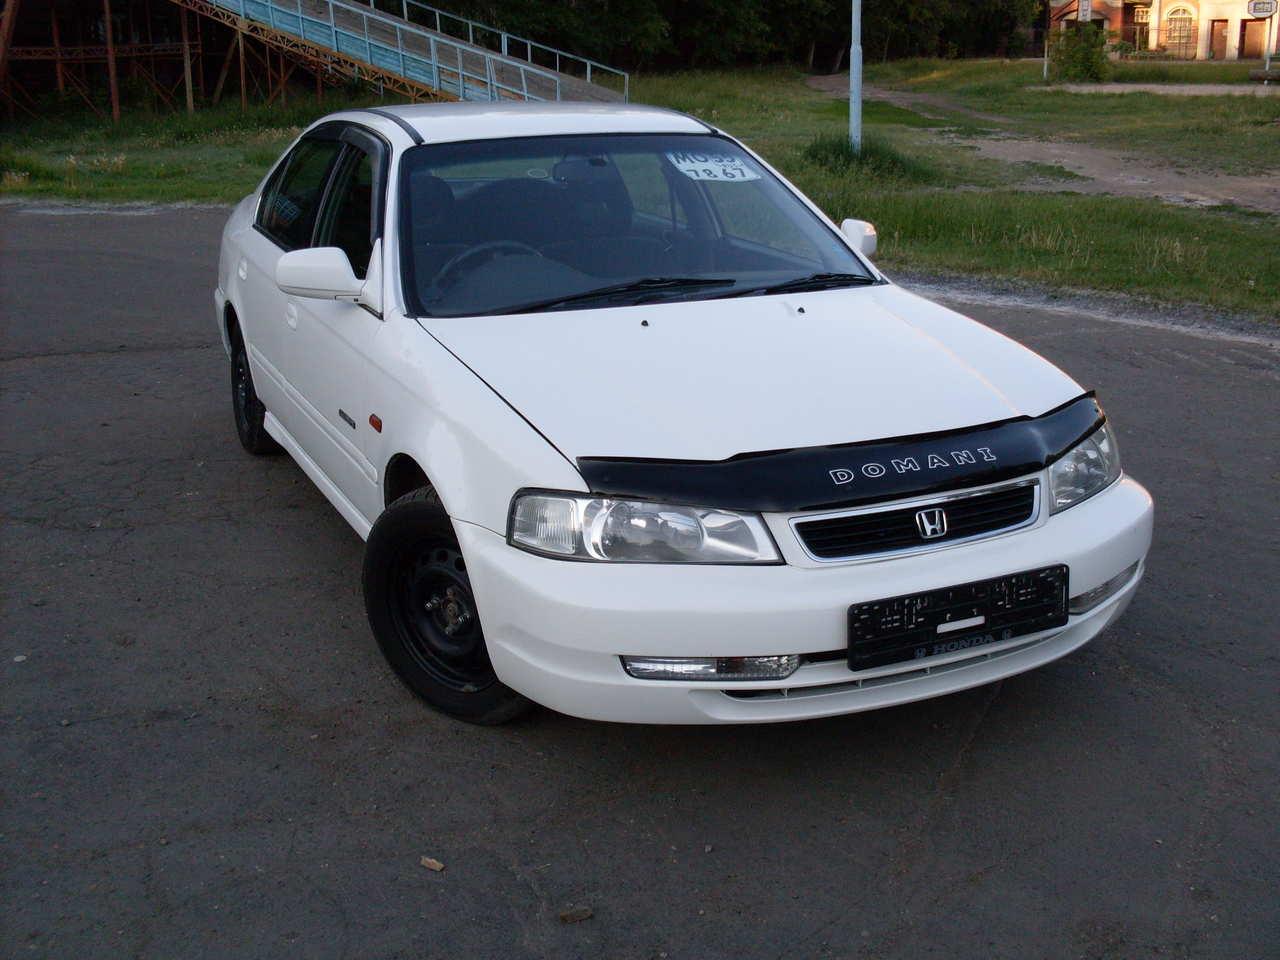 261feea291f1 Used 1999 Honda Domani Photos, 1600cc., Gasoline, FF, Automatic For Sale